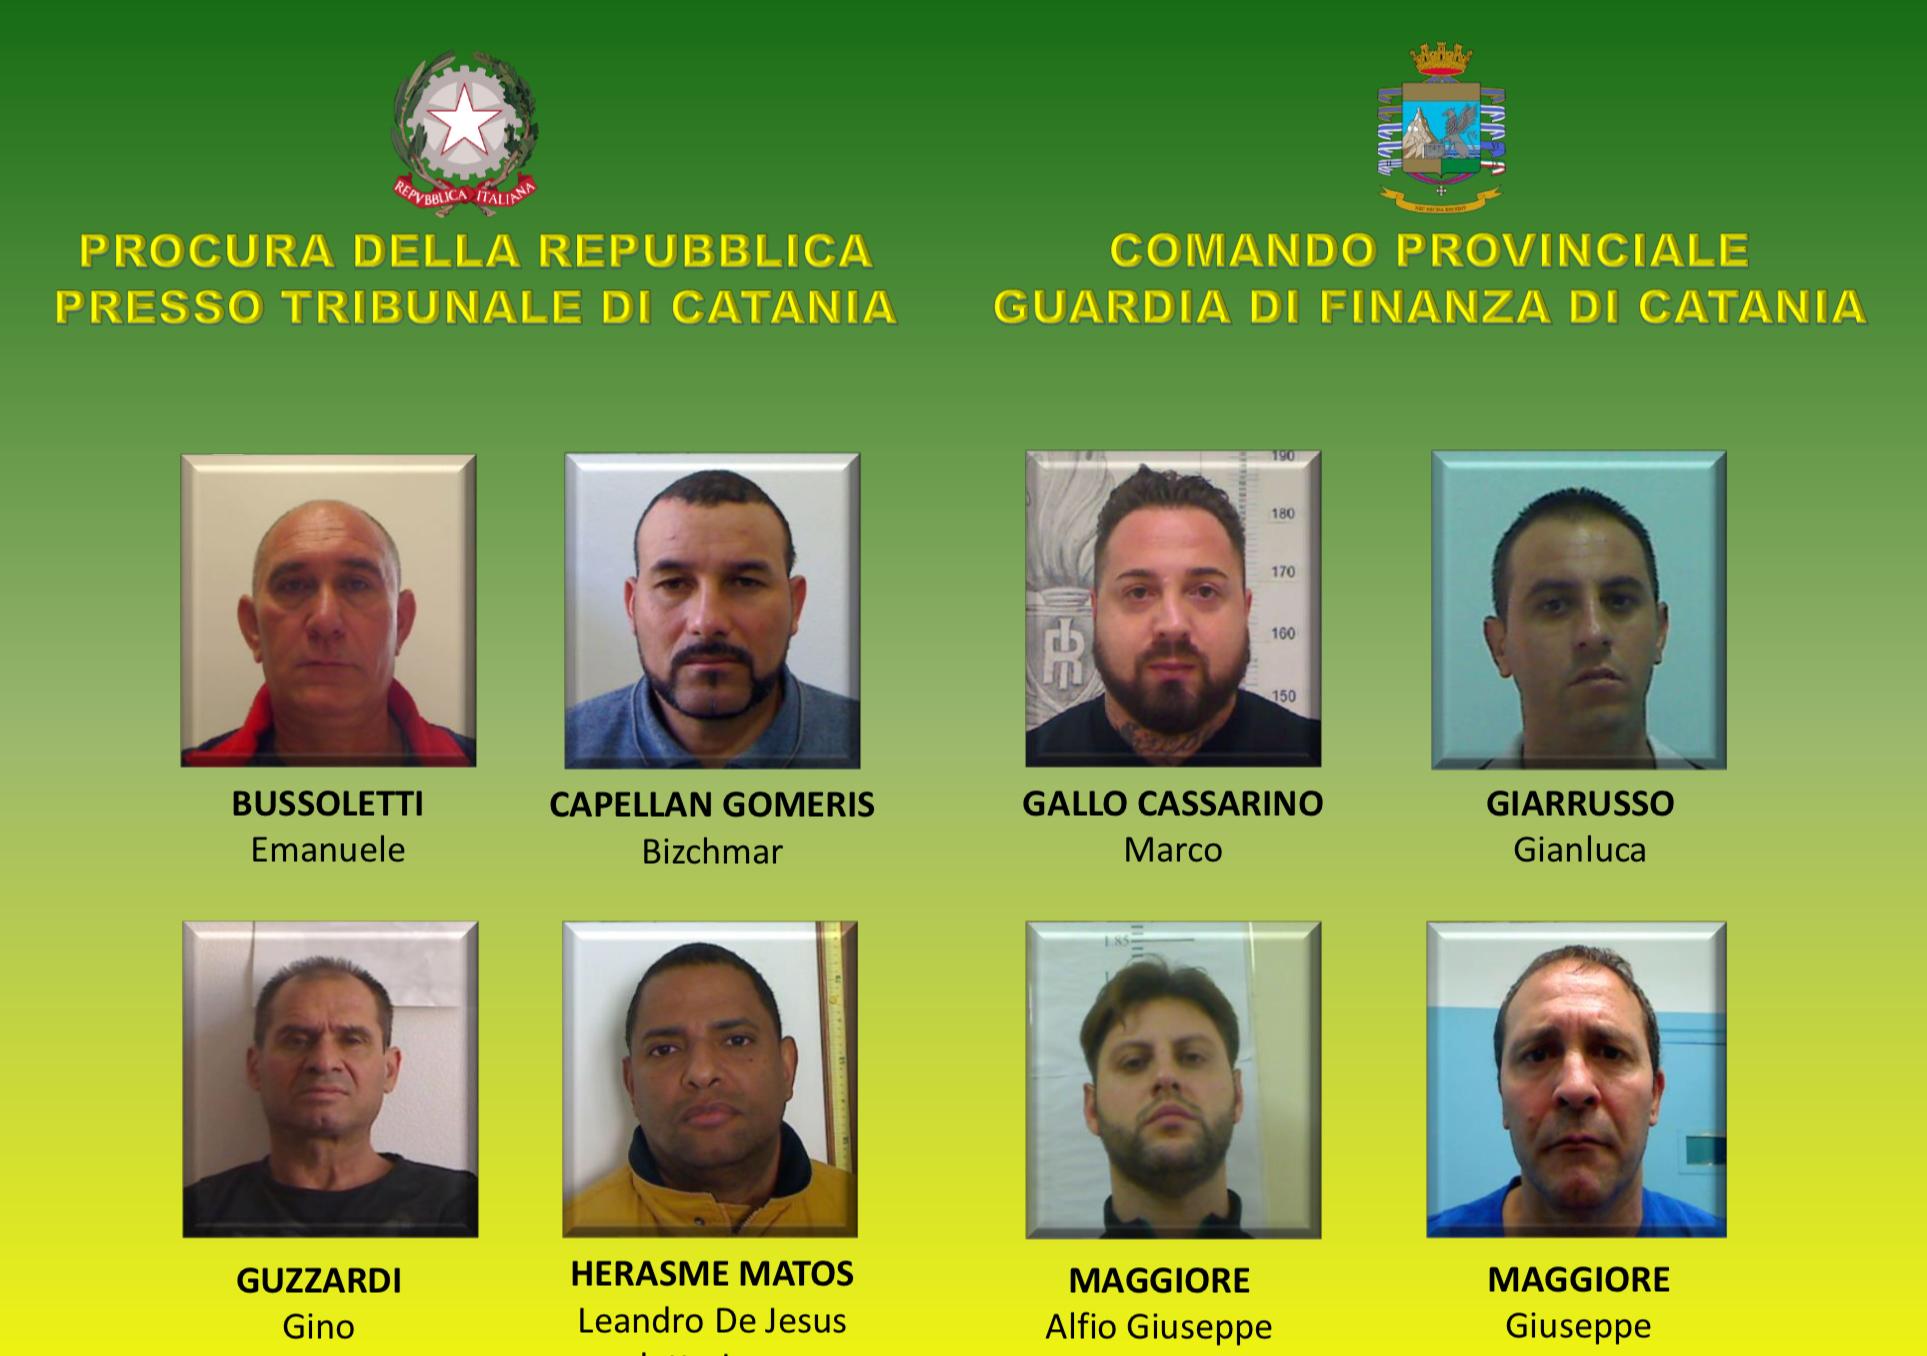 Traffico internazionale di droga, arrestato Graziano: il neomelodico era a capo dell'organizzazione